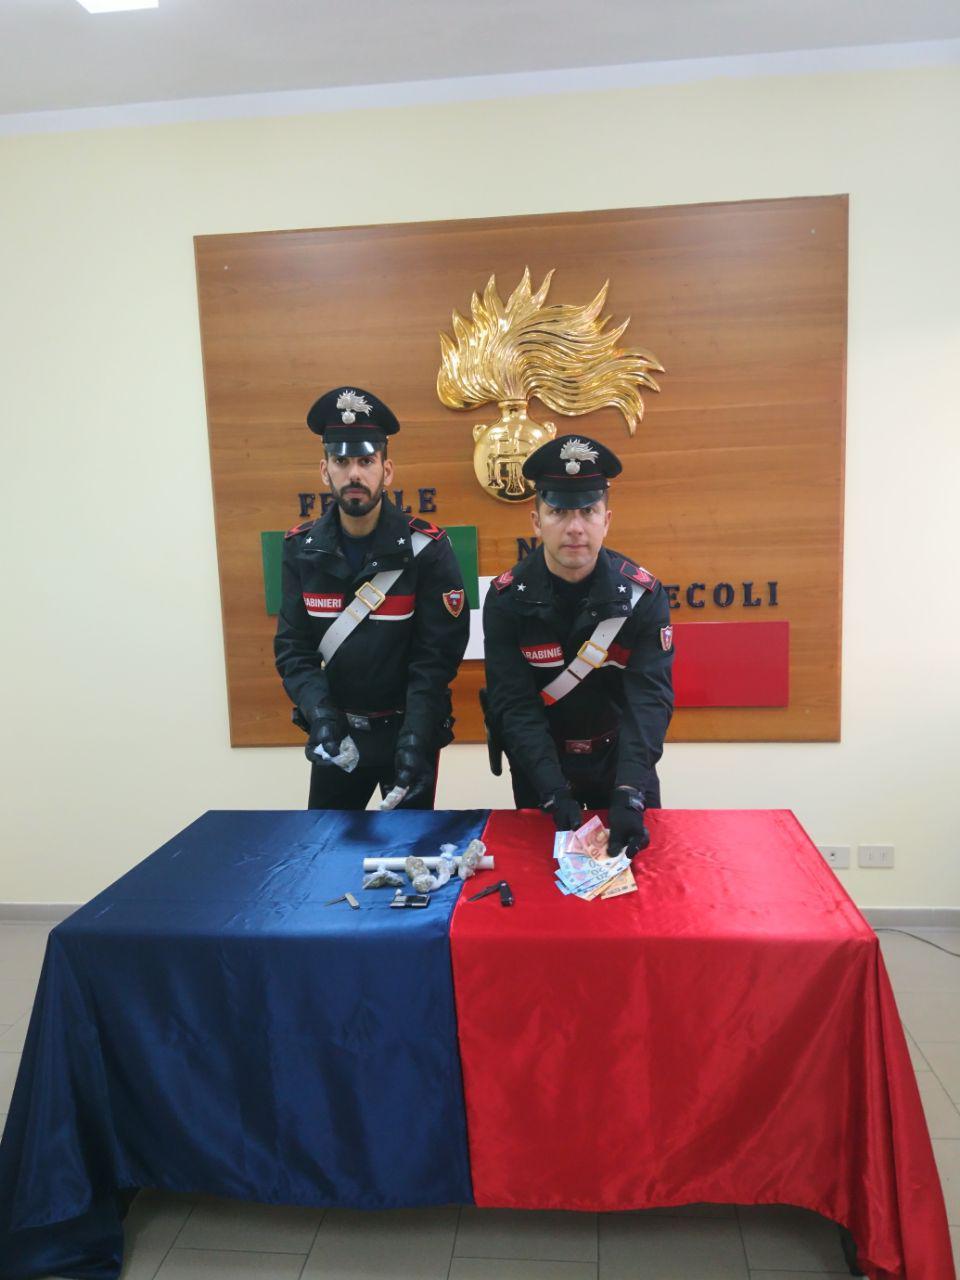 """Faenza, dice """"non ho nulla da consegnare"""" ma i militari trovano droga"""